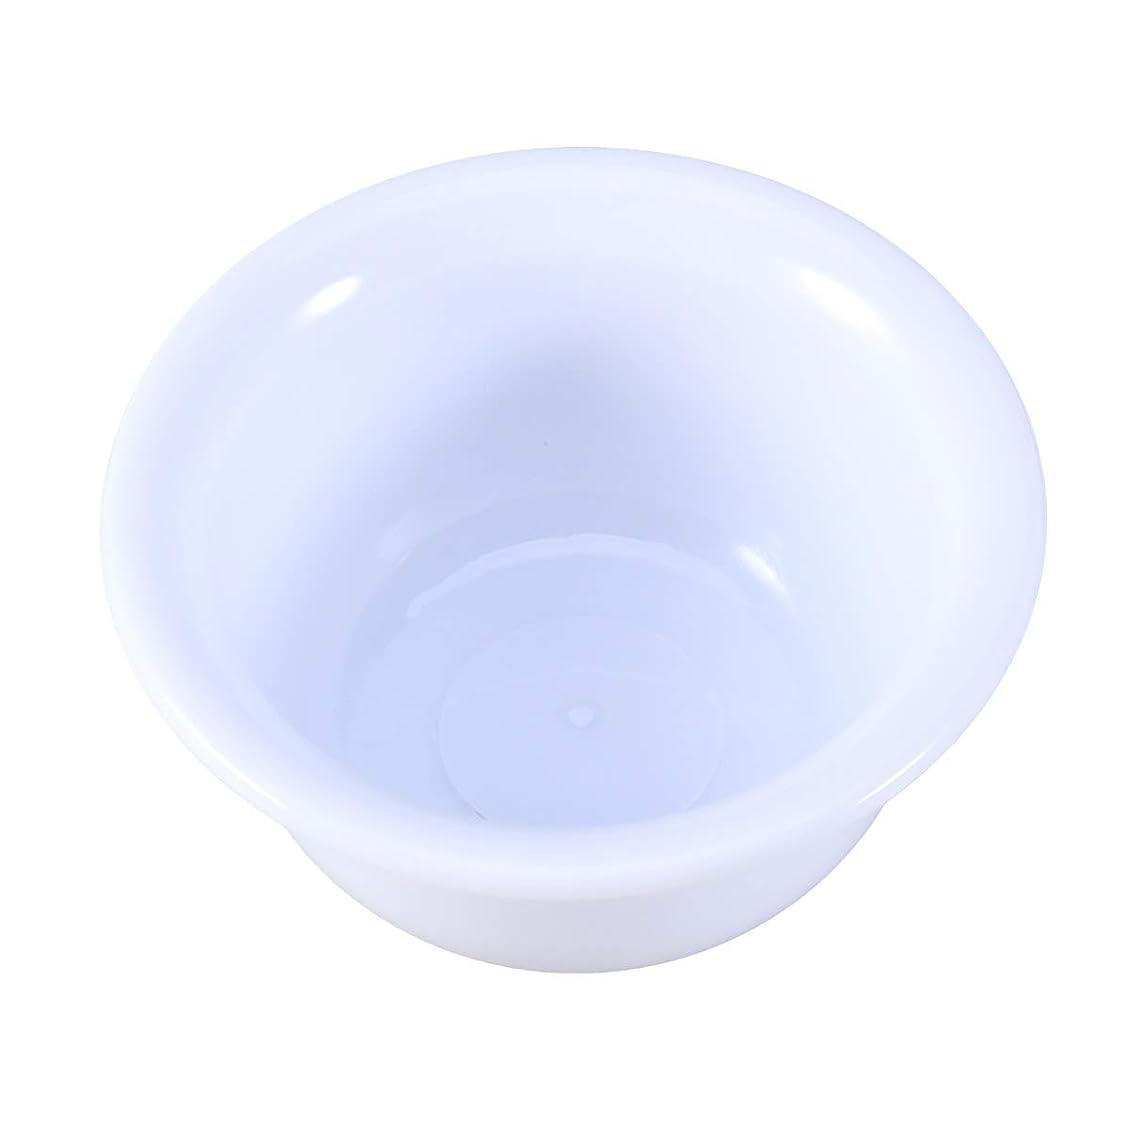 被害者溶けるチャンスカミソリ用SUPVOXマンズプラスチックシェービングボウルバーバーソープマグカップ(ホワイト)